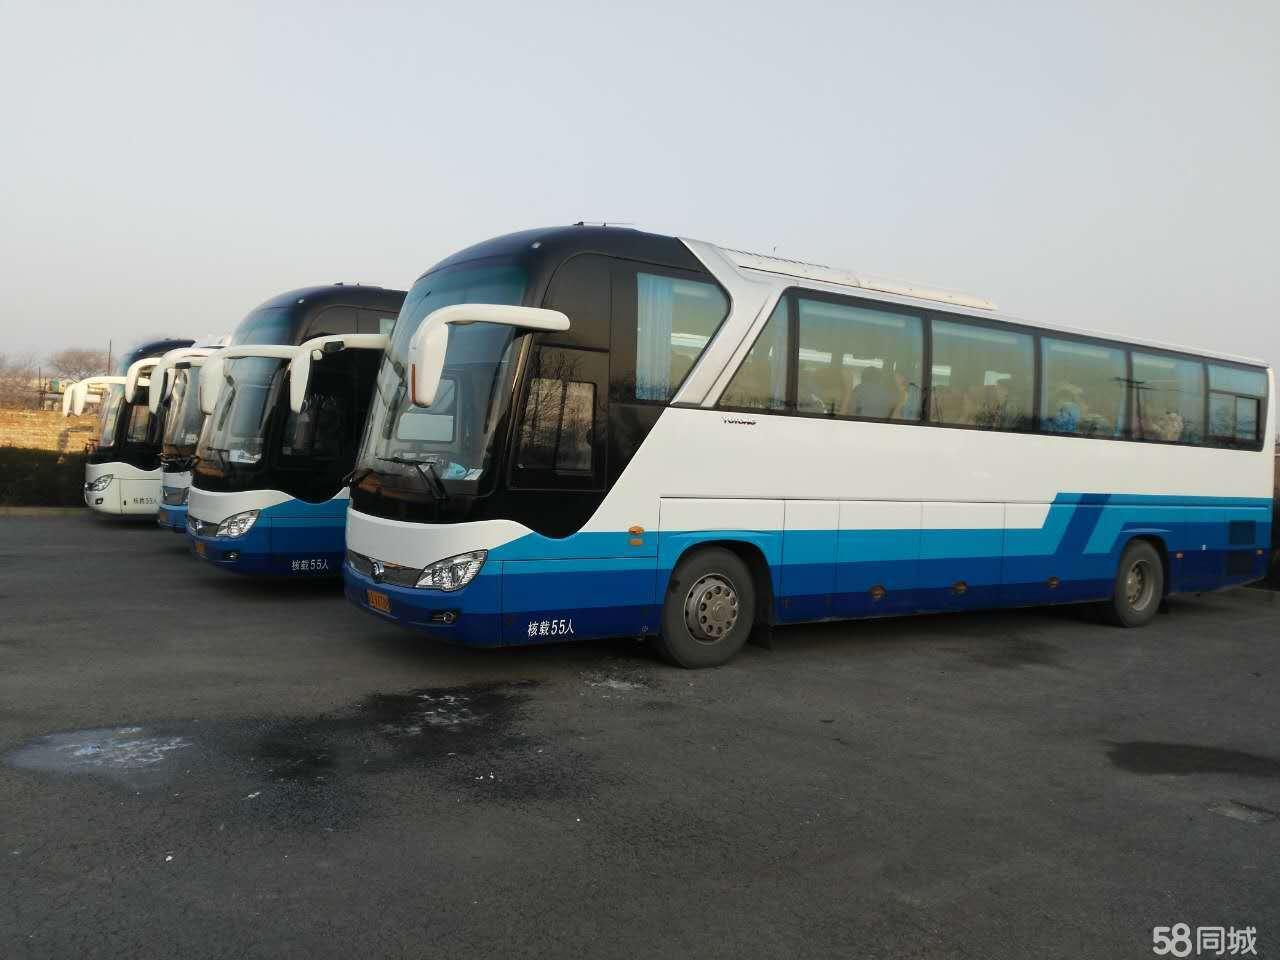 北京骏马神州汽车租赁专业提供11-55座班车 会议用车 旅游巴士租车